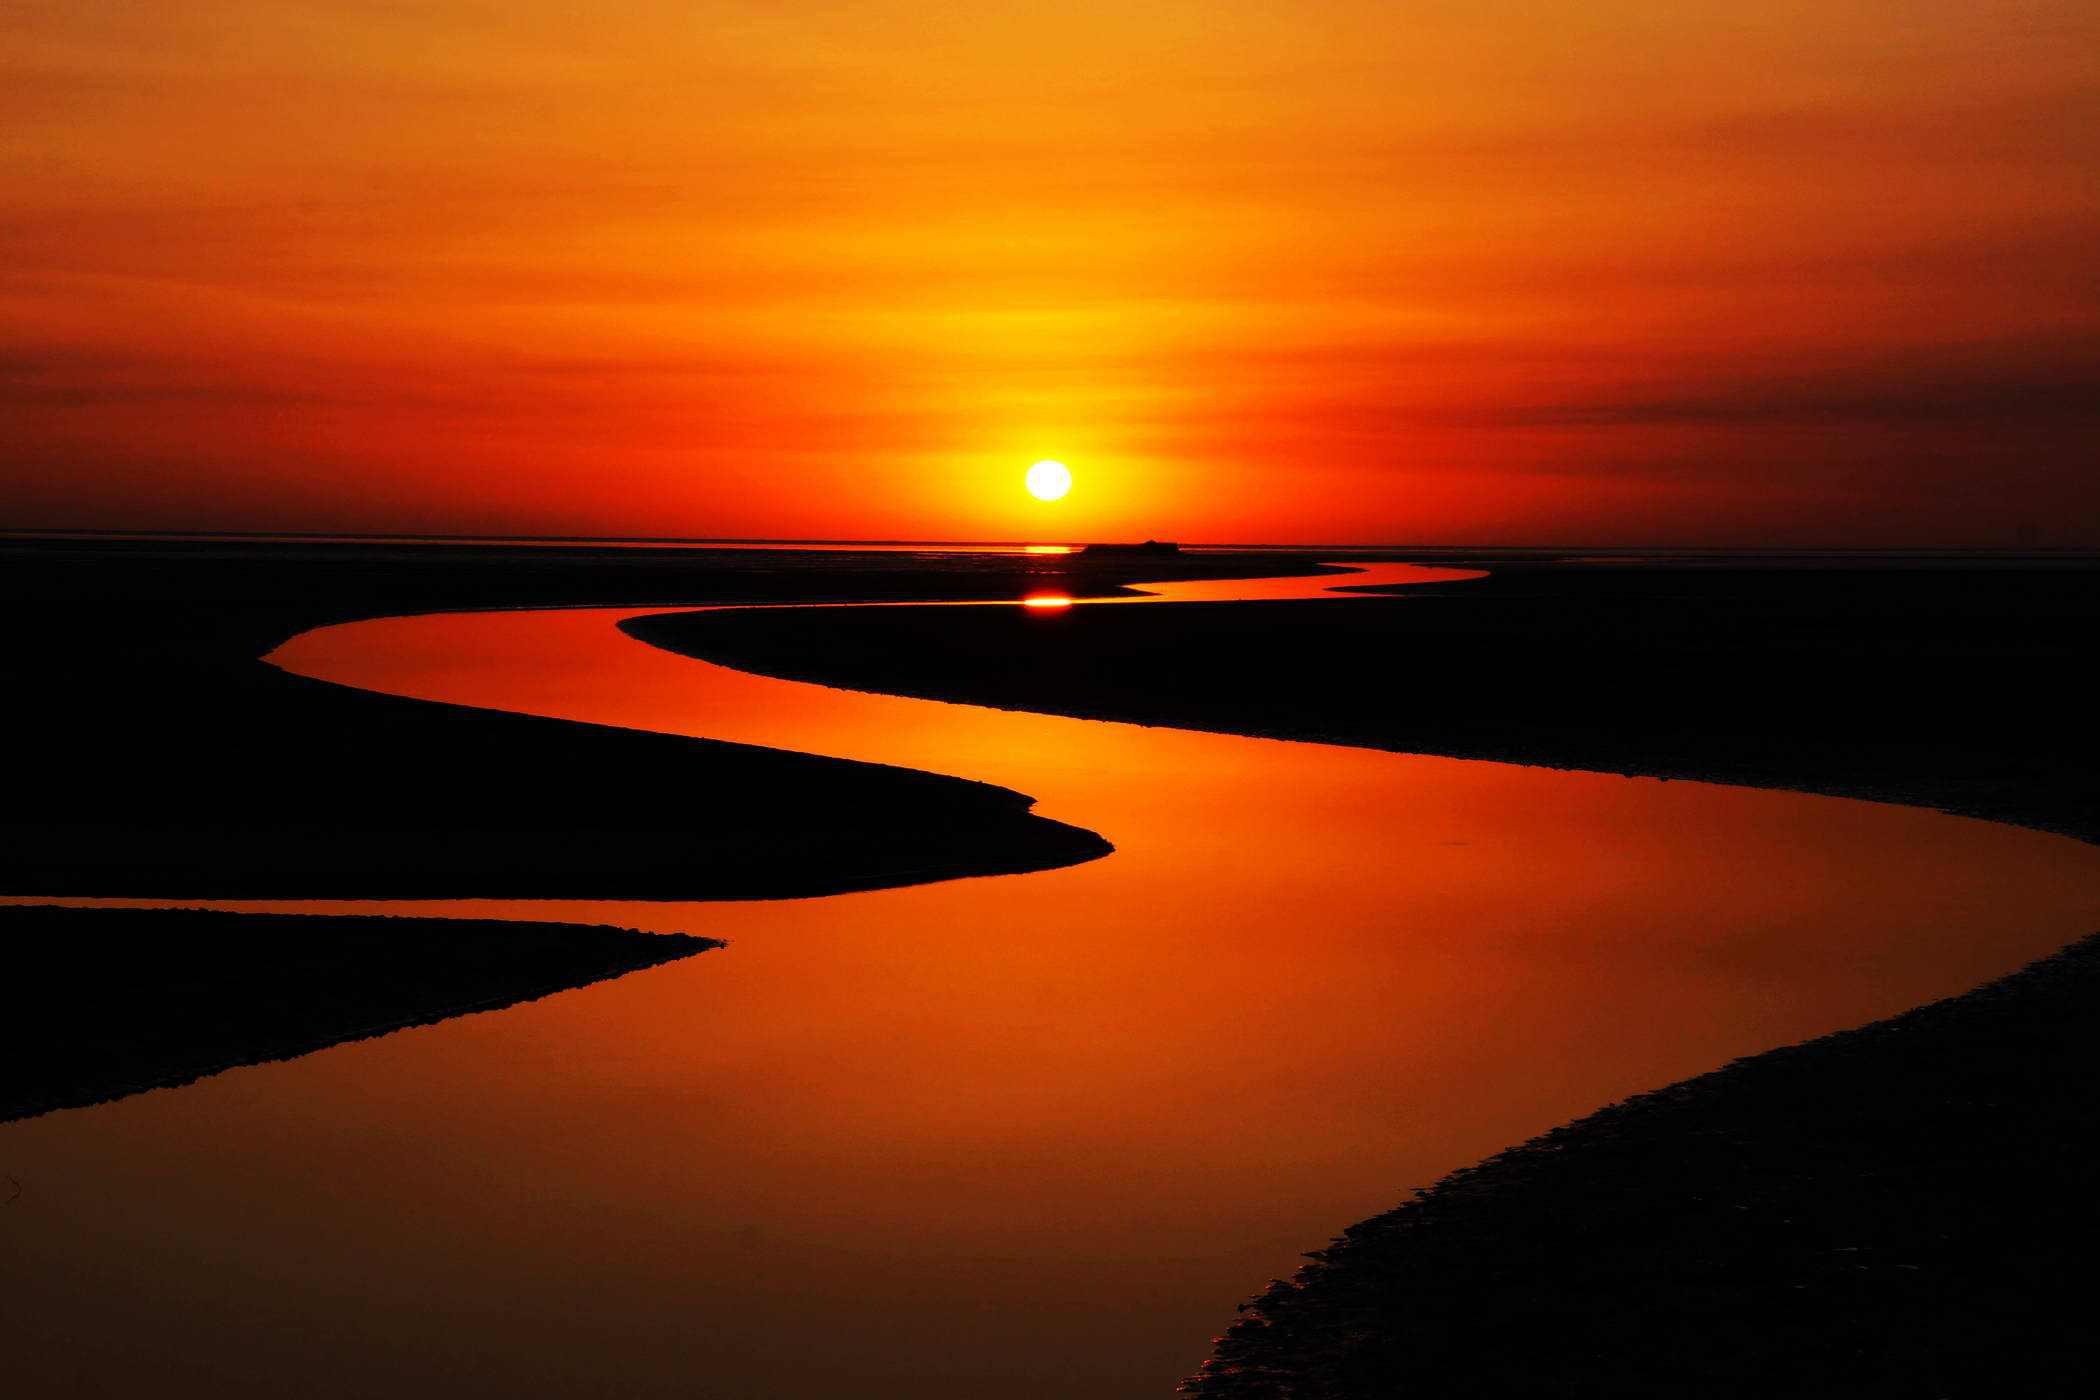 黄河流经哪几个省份 黄河流经几个省份